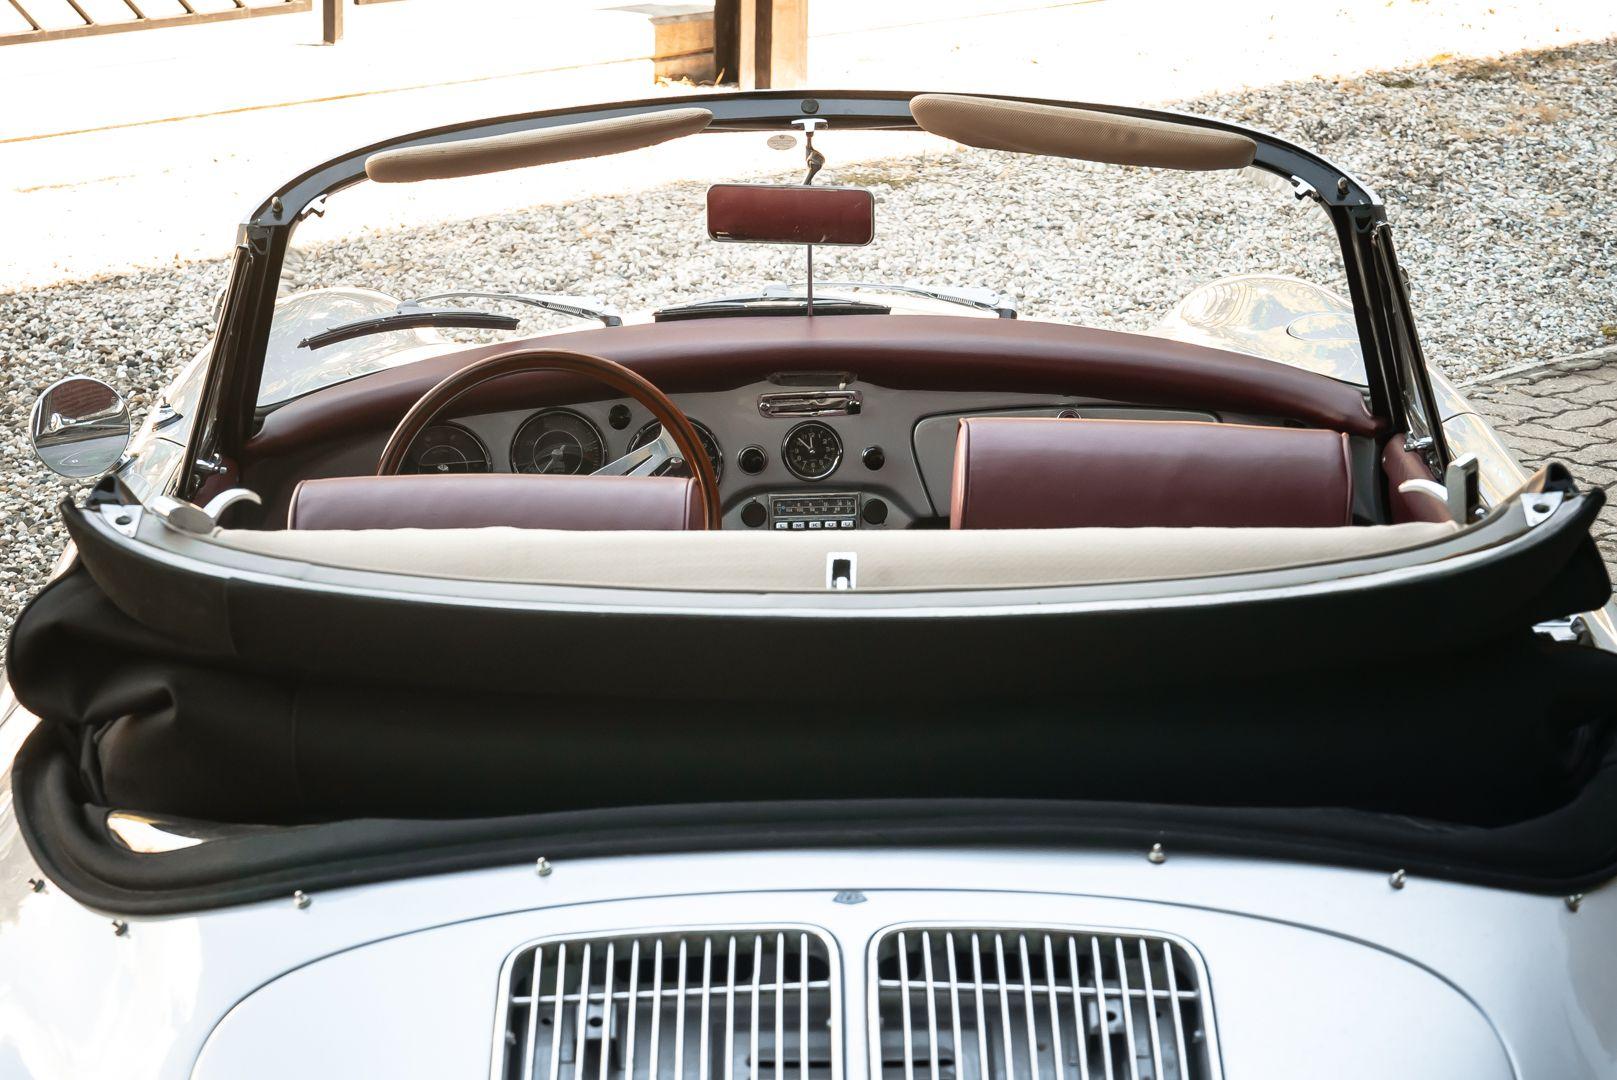 1963 Porsche 356 B 1600 S Cabriolet 76251